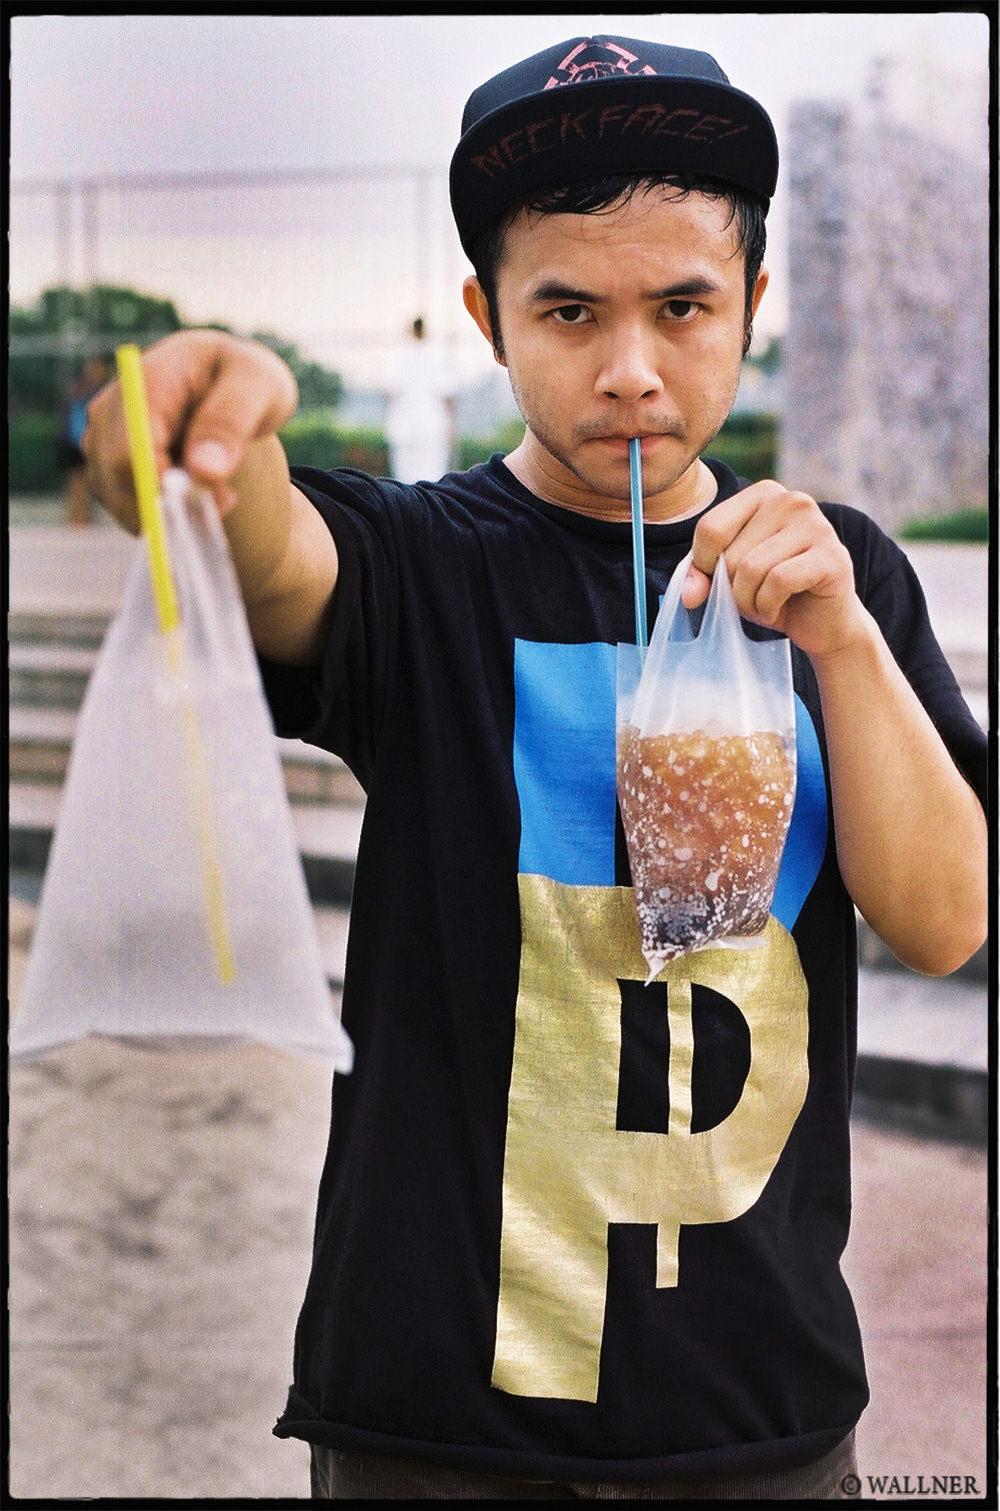 35mmPatrikWallner_Bangkok_RyanThirstyLOWQ